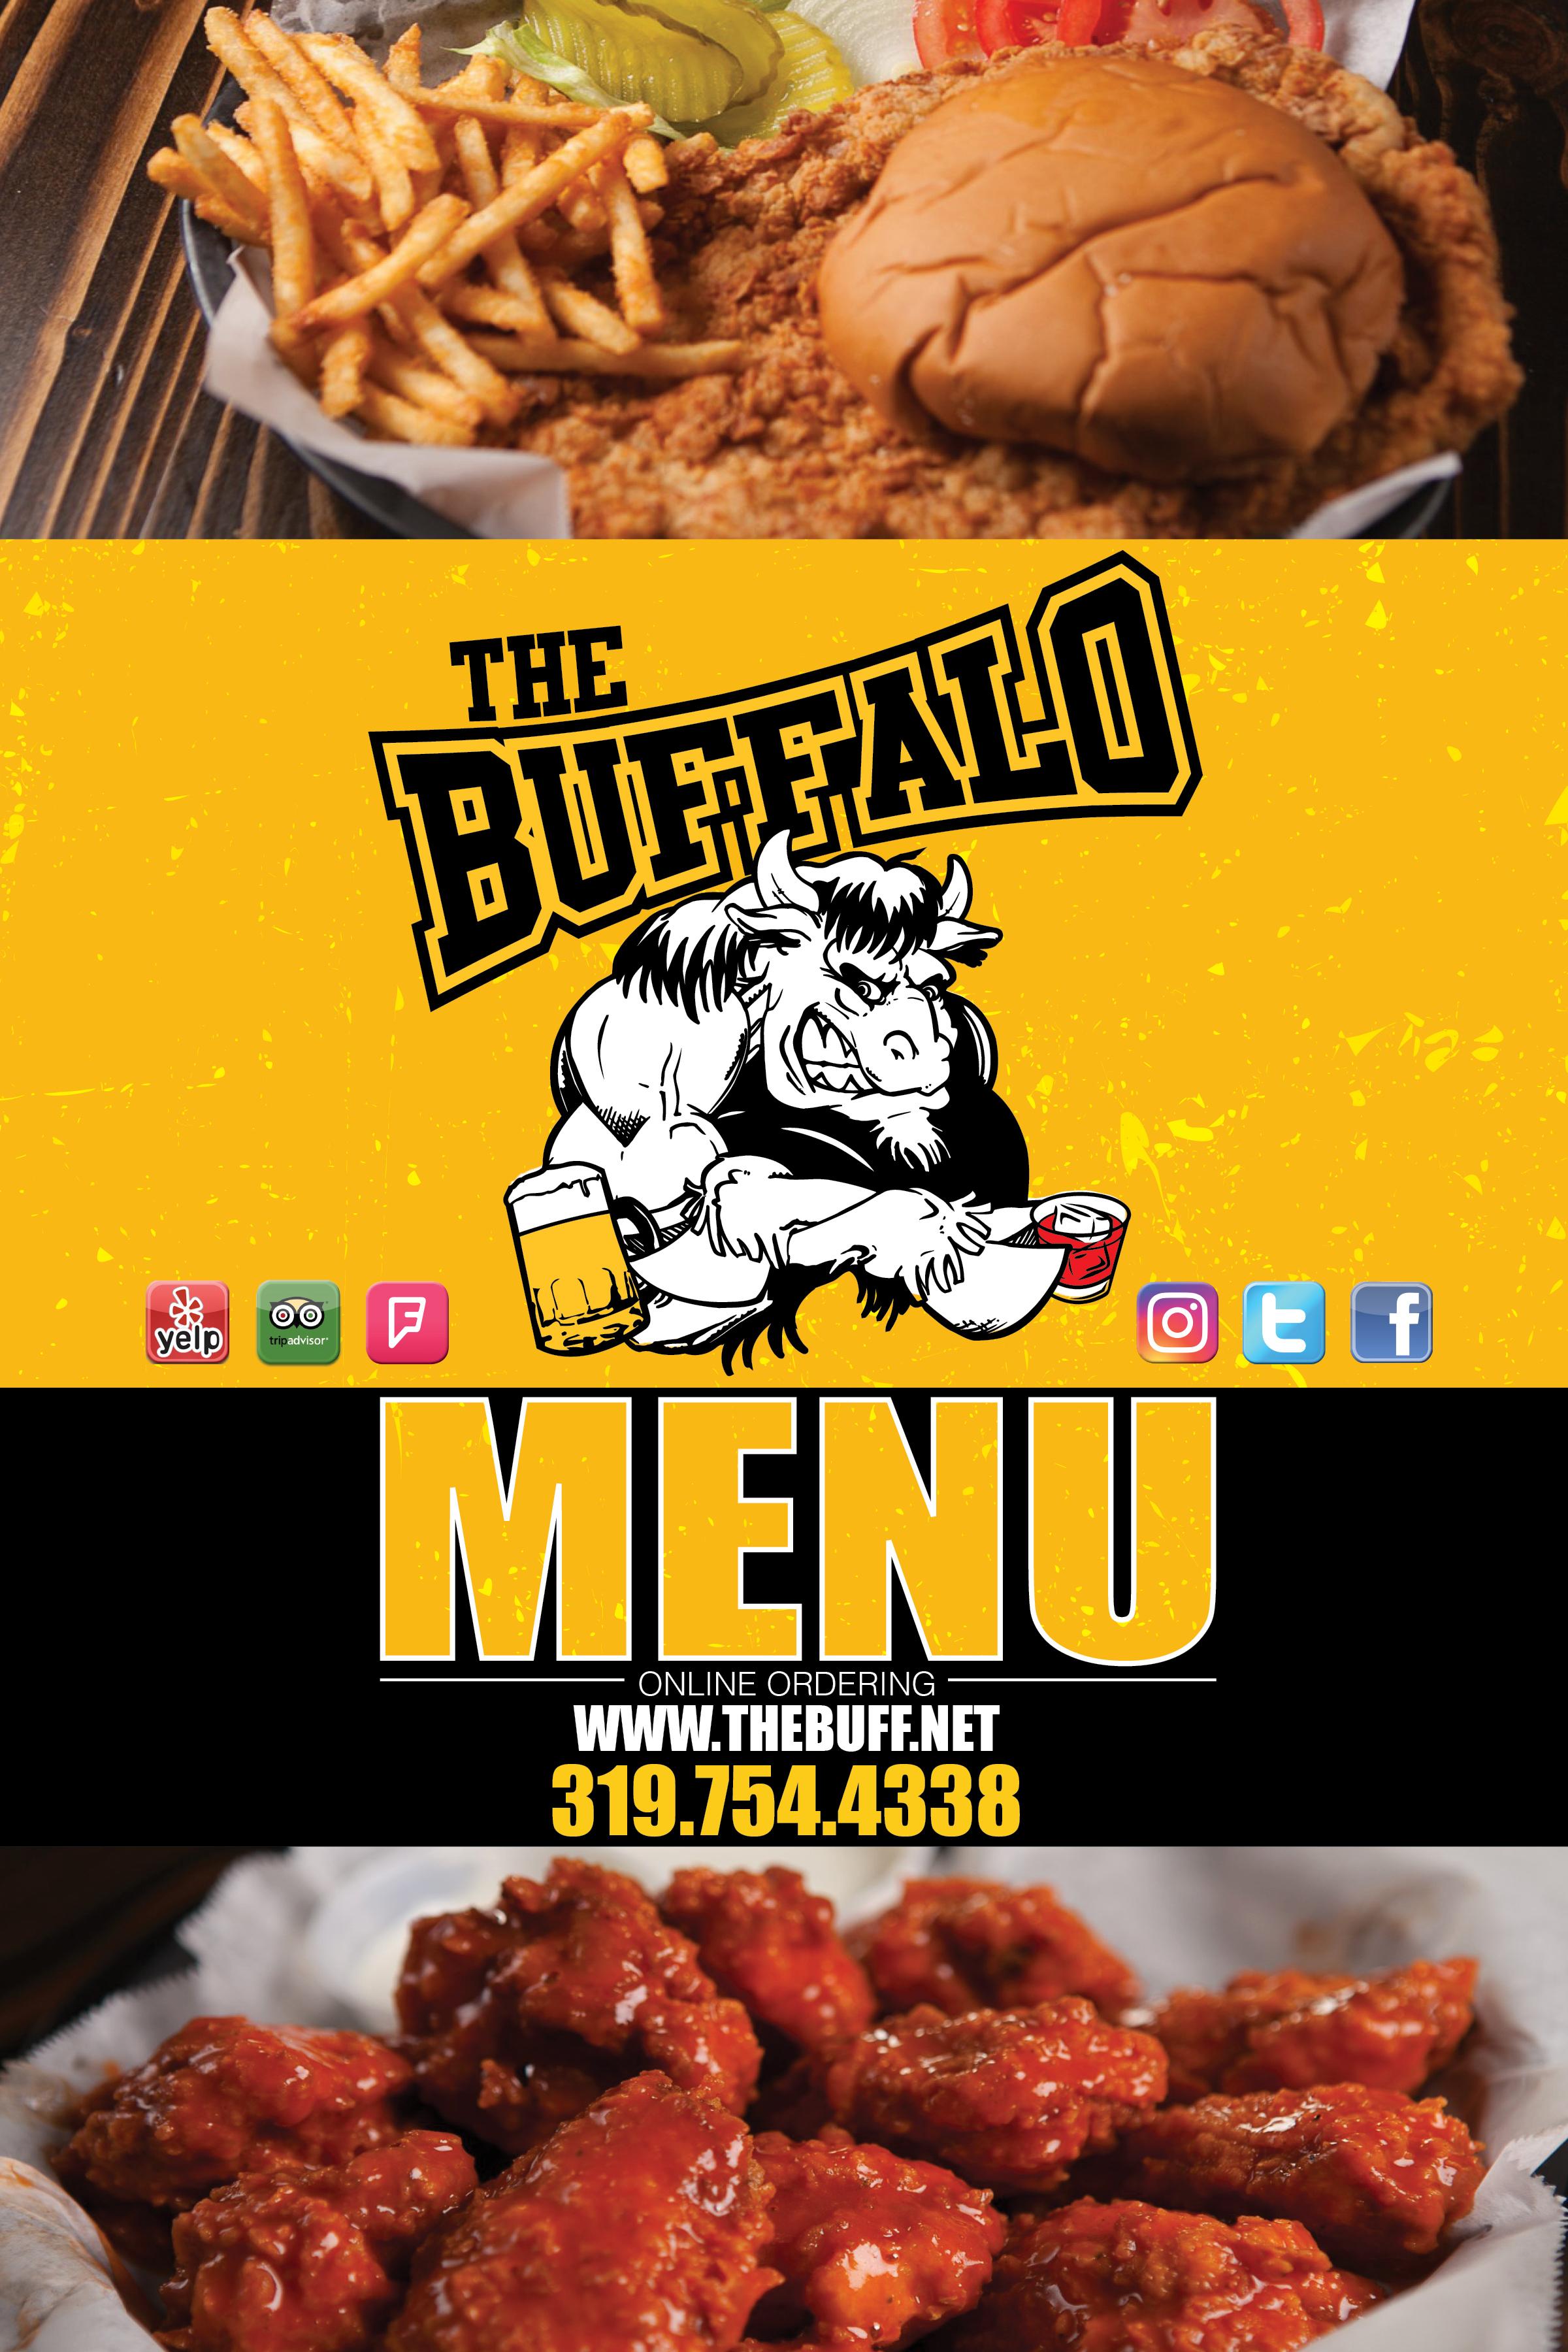 The Buffalo Menu.jpg